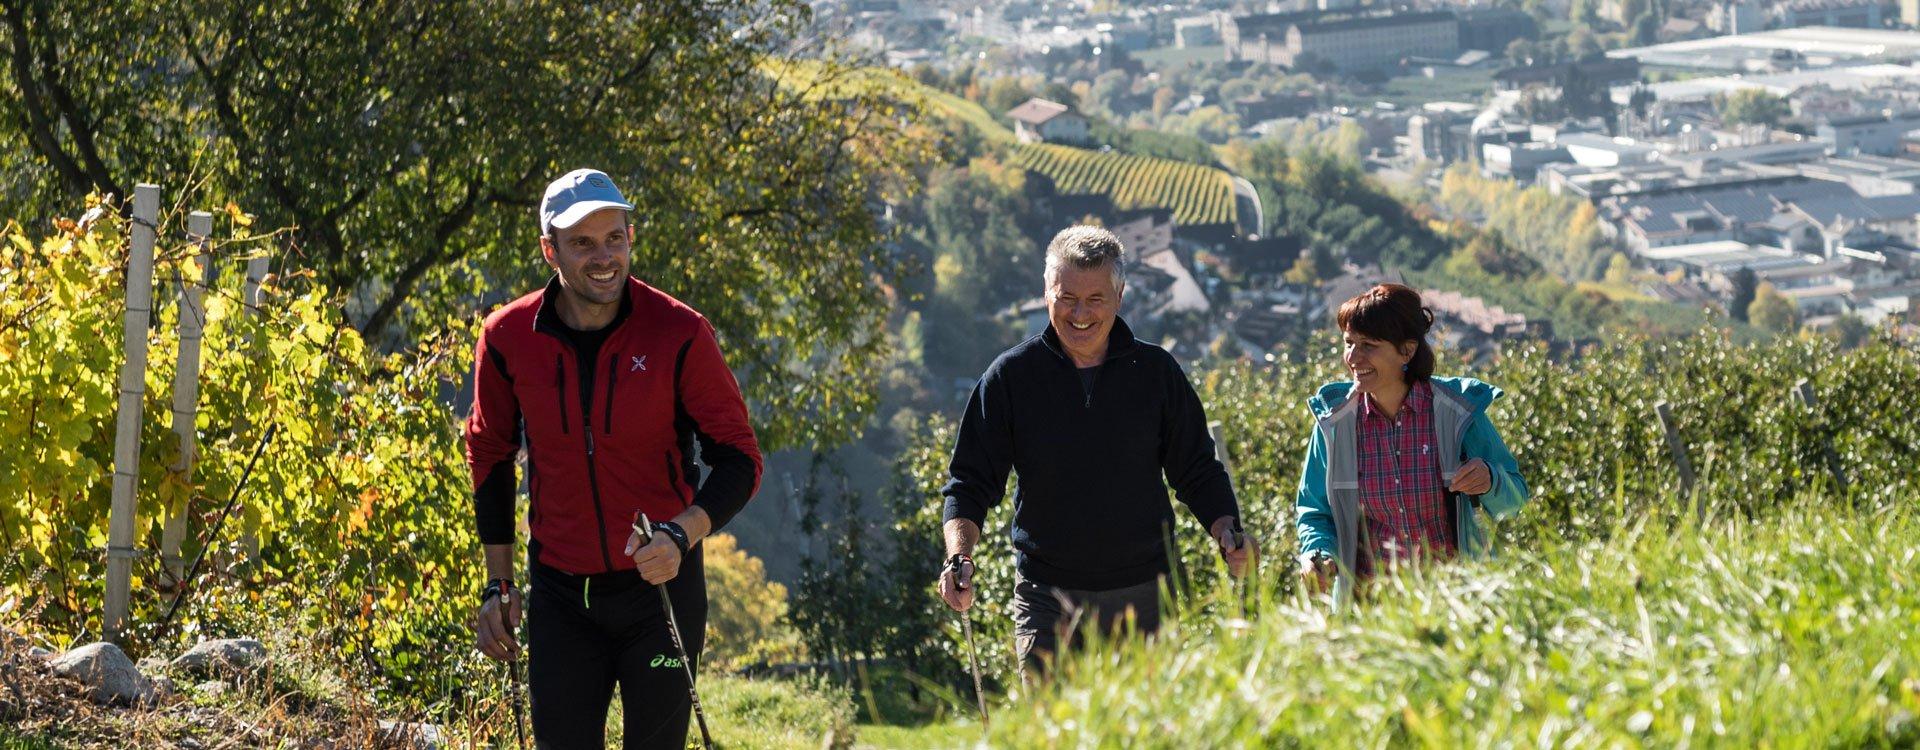 Nordic walking in valle isarco la perfetta vacanza for Mezza pensione bressanone